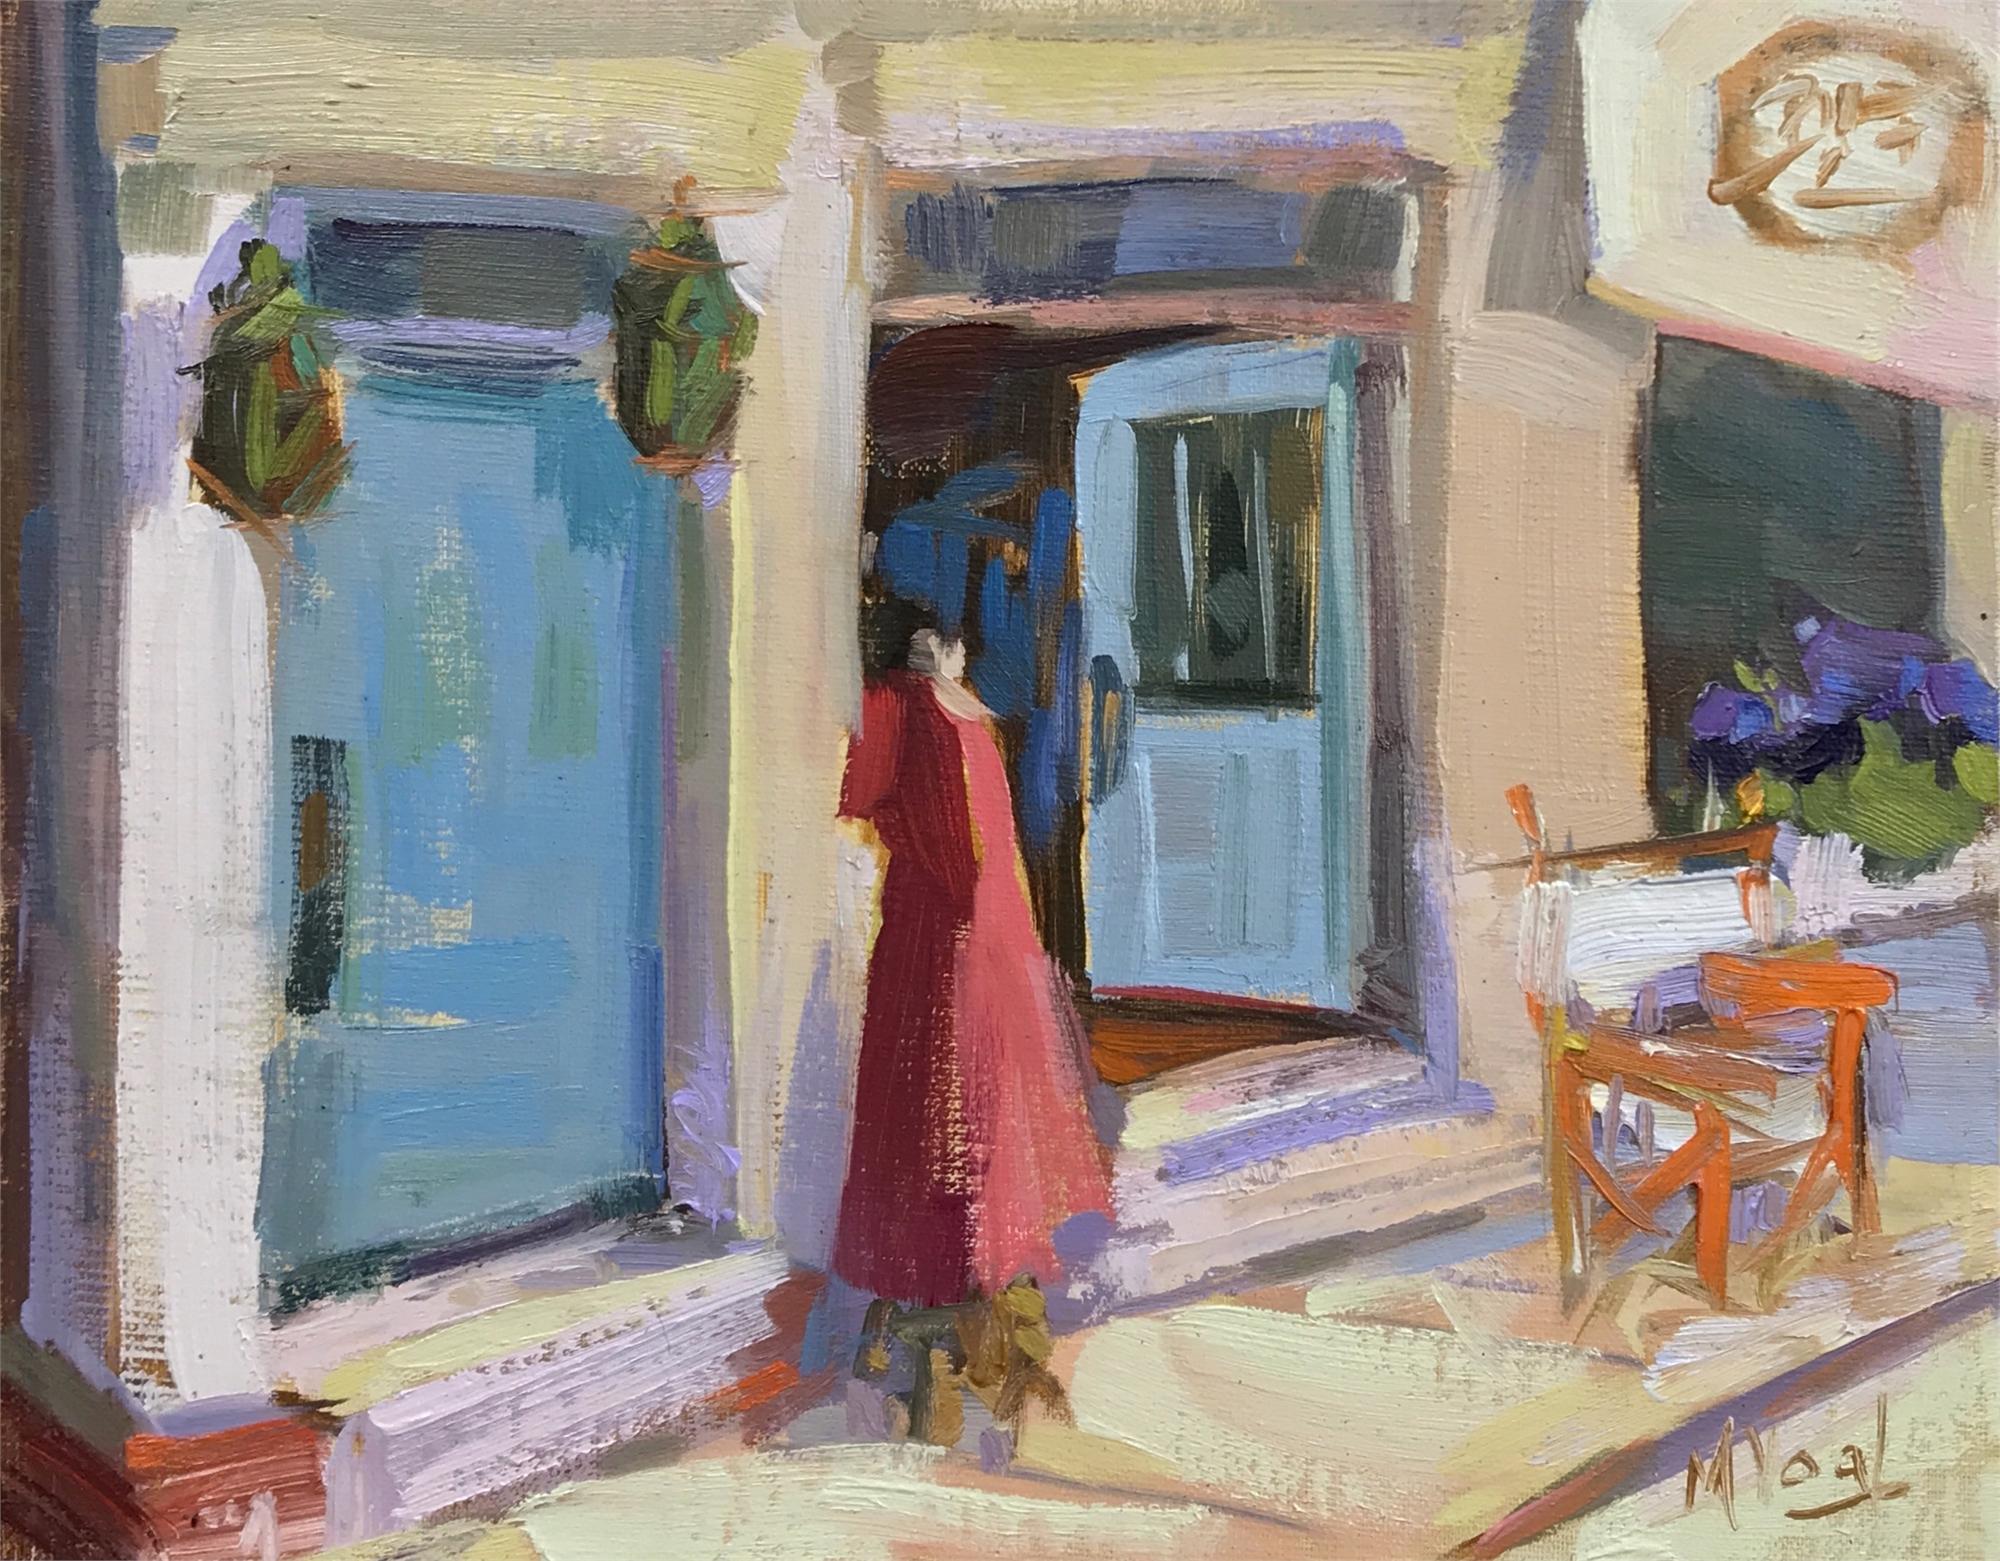 Shop Local by Marissa Vogl